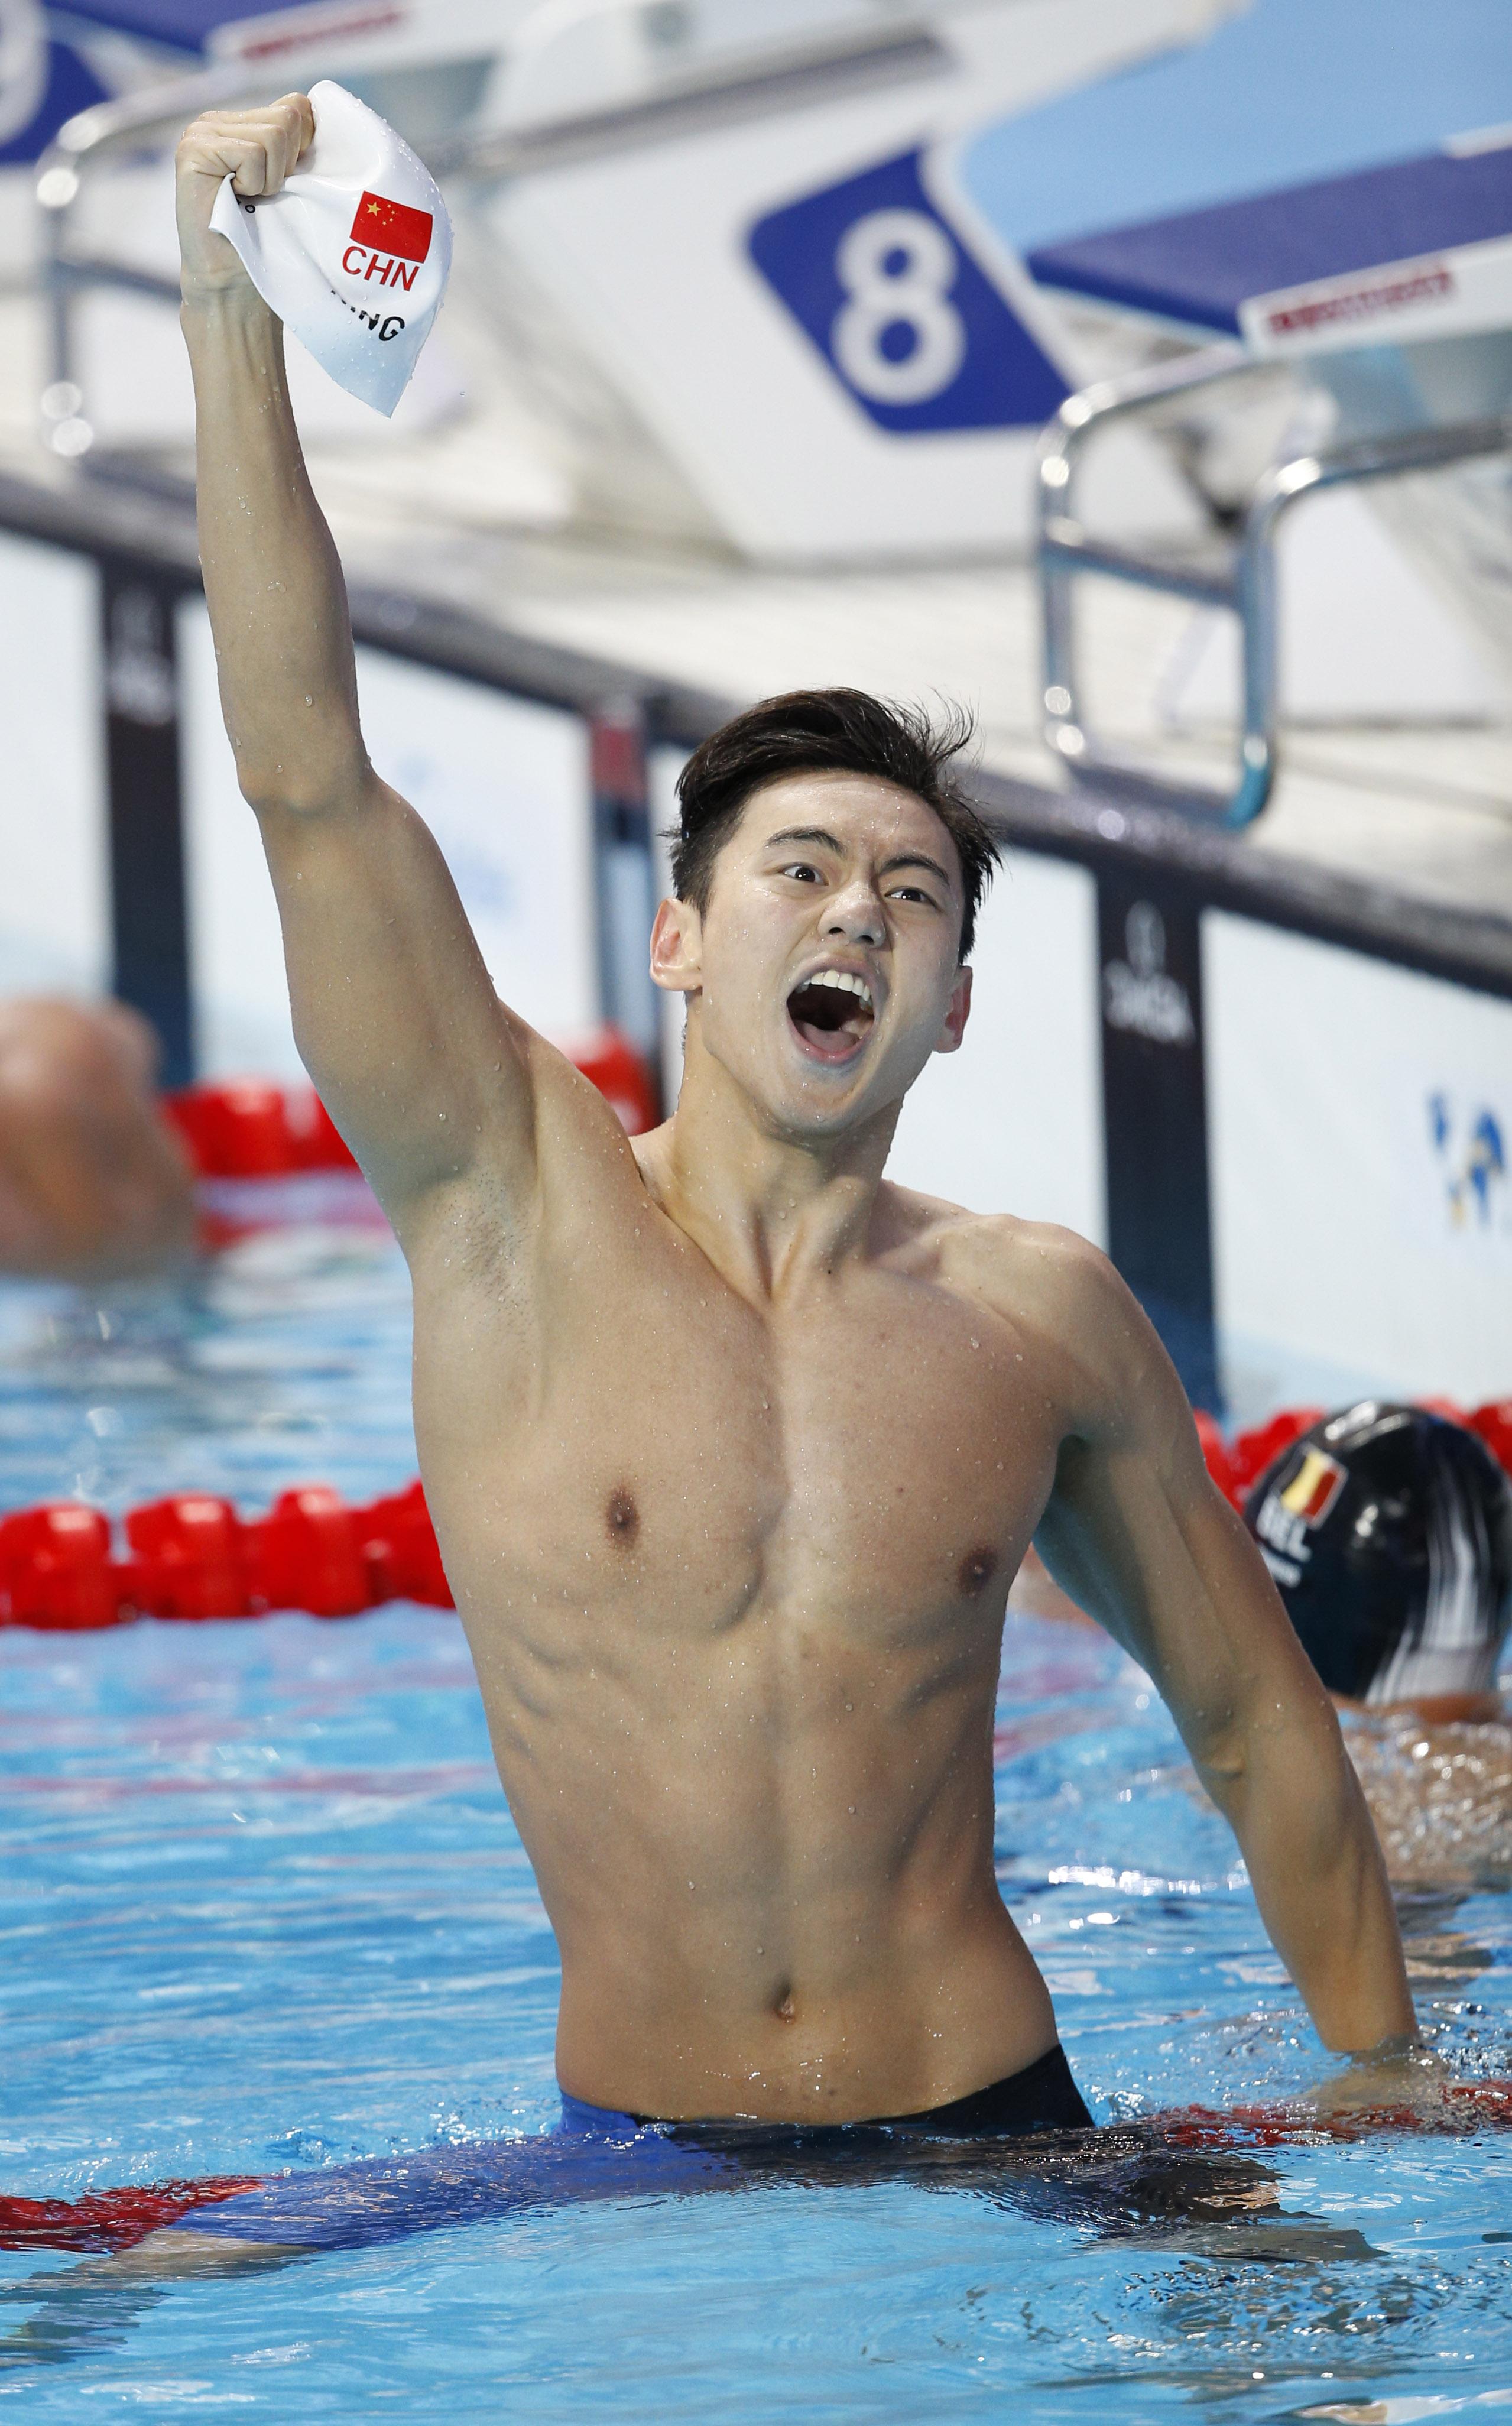 久別賽場的寧澤濤將出戰全國泳賽。